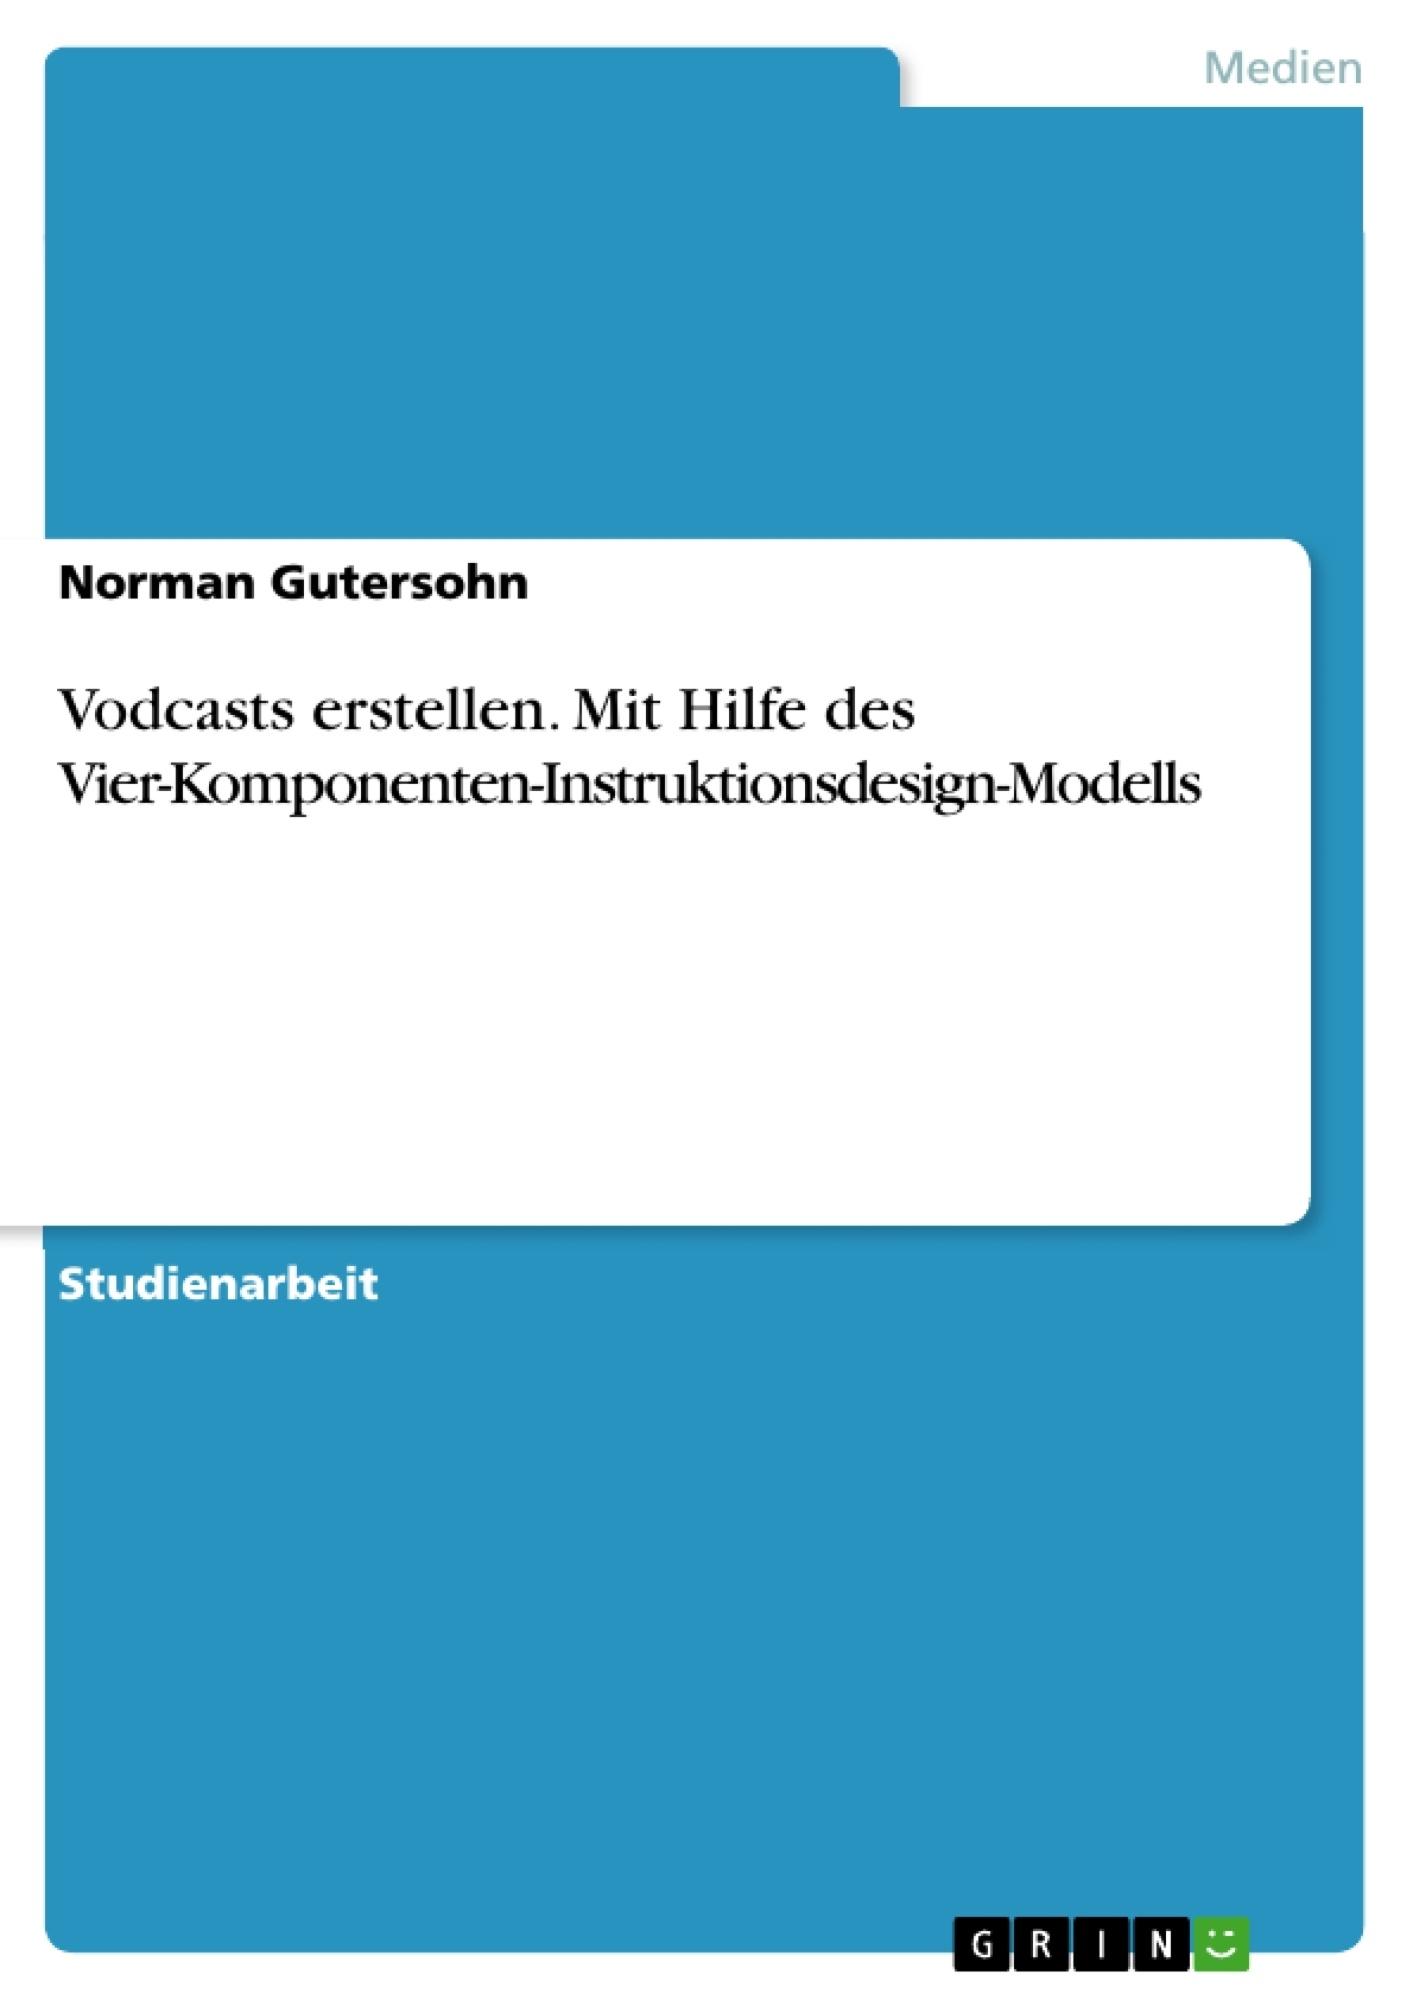 Titel: Vodcasts erstellen. Mit Hilfe des Vier-Komponenten-Instruktionsdesign-Modells